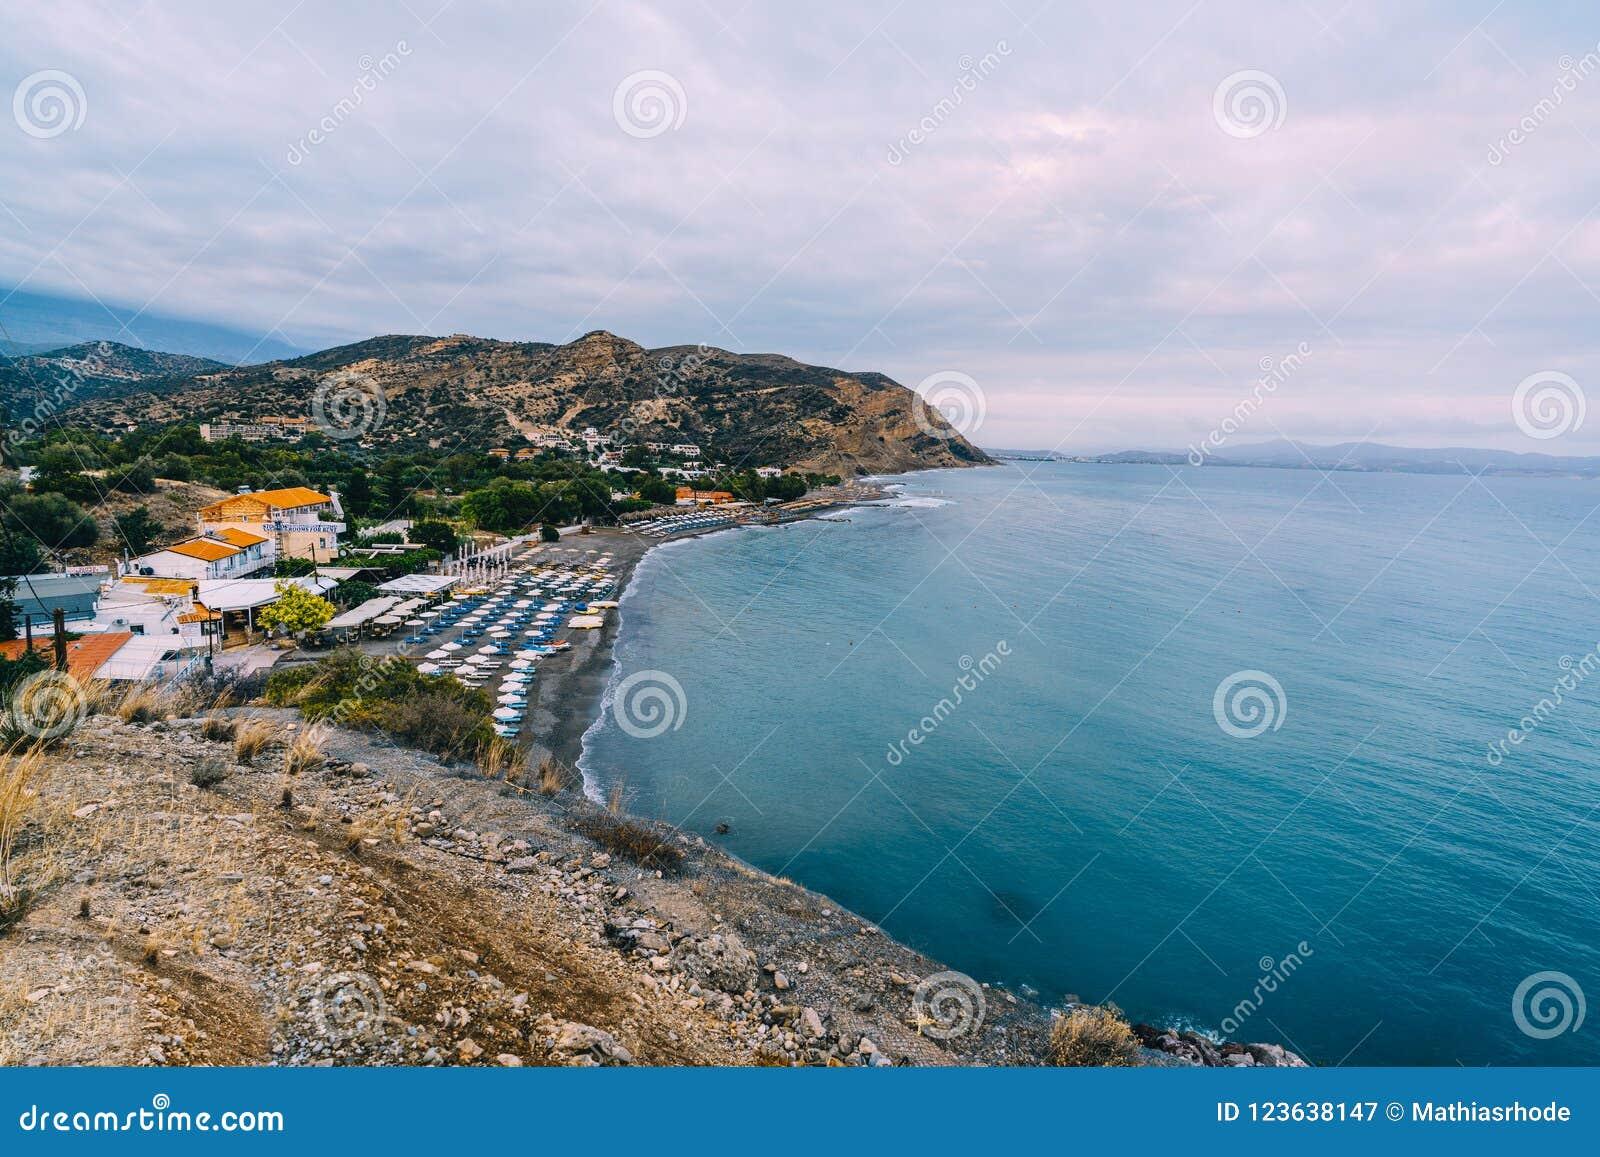 Воздушный верхний взгляд панорамы пляжа Aghia Galini на острове Крита в Греции Южный берег ливийского моря